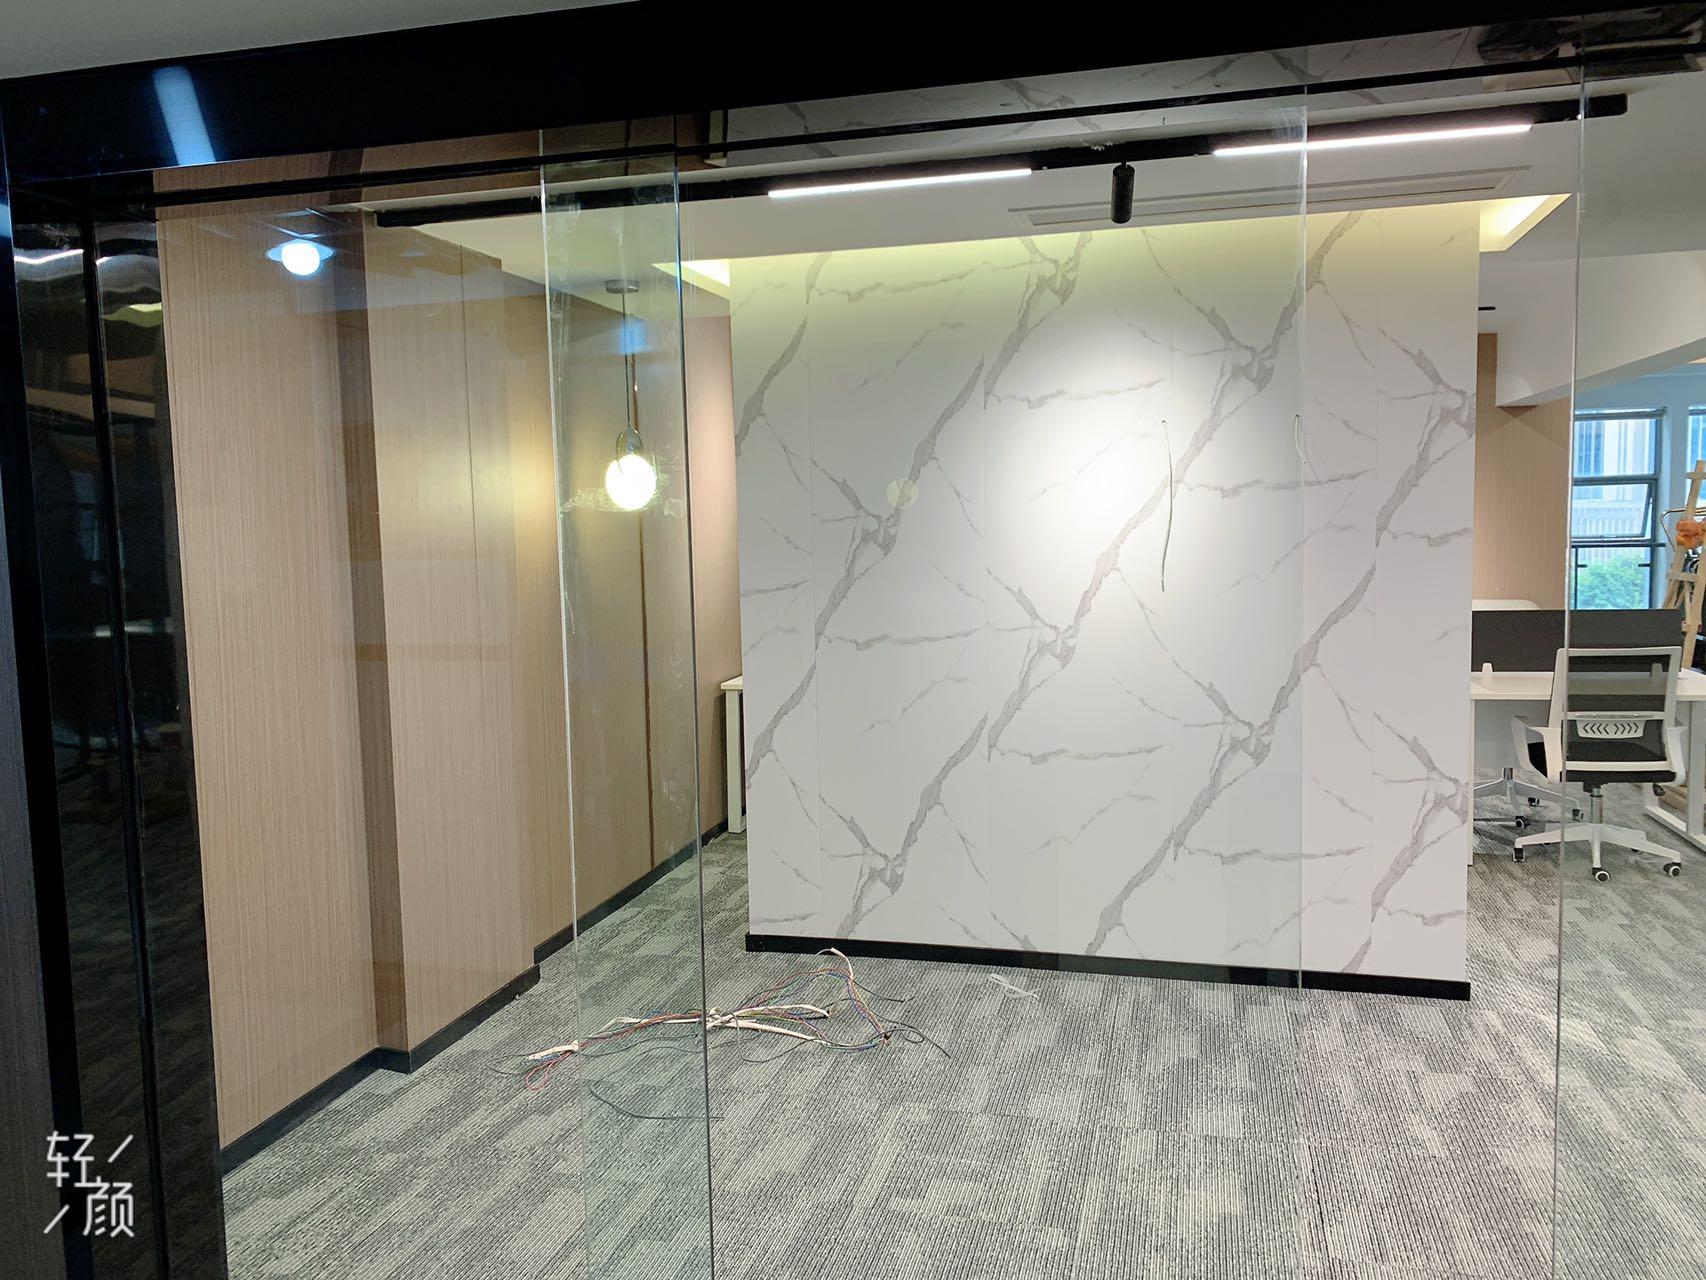 高新区高新地铁口 双面采光办公室含物业出租 文艺简约风